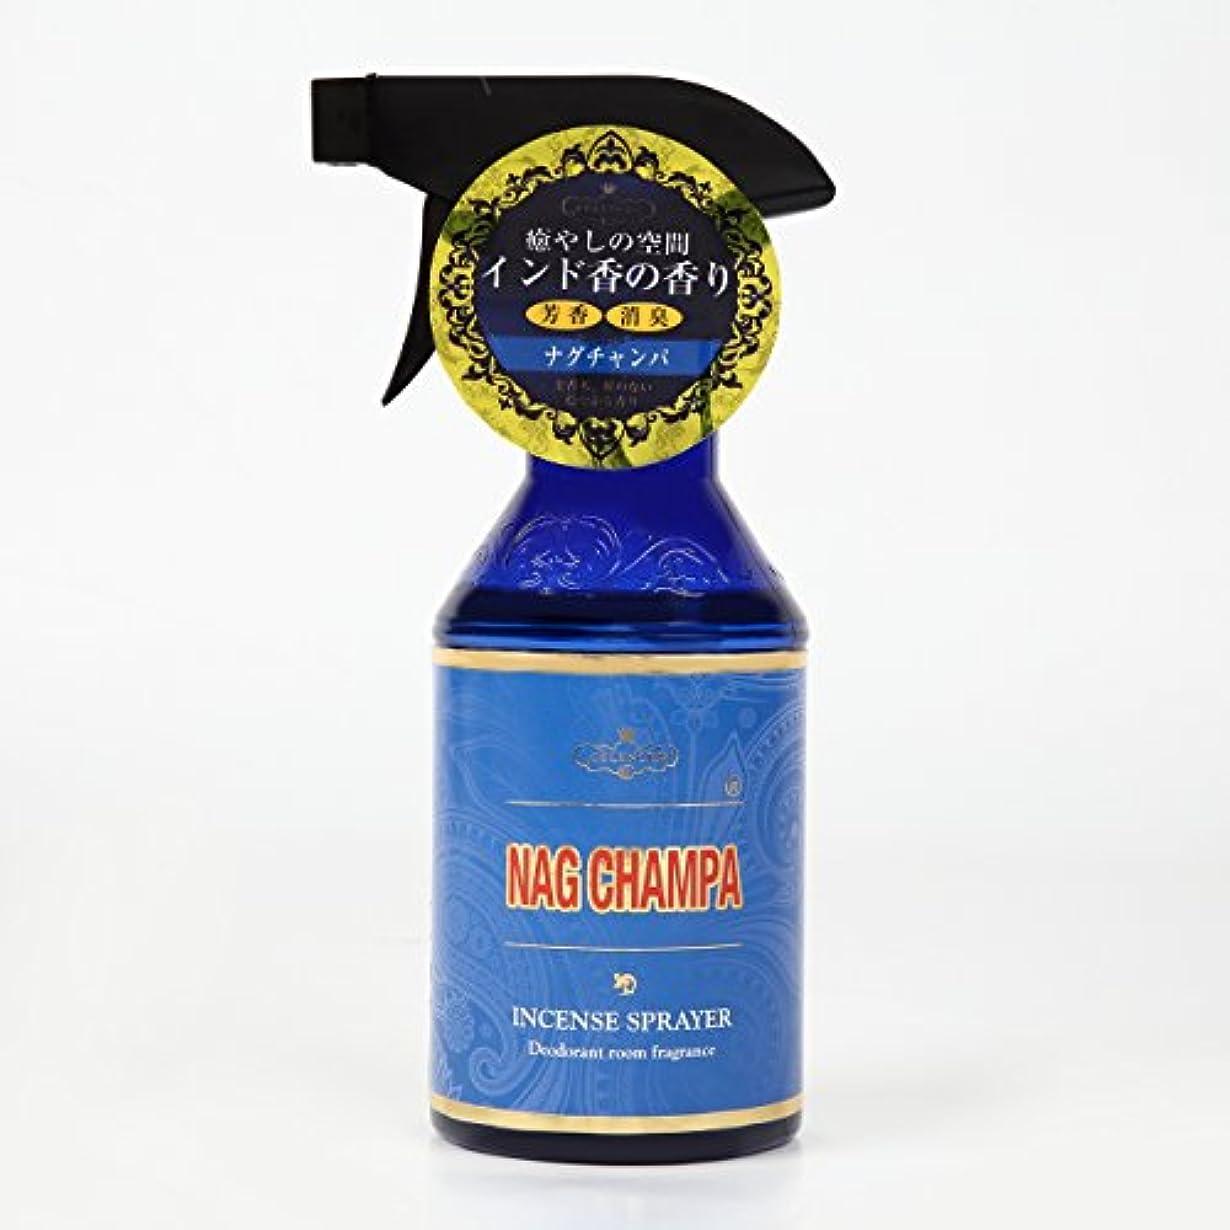 独創的ペレット溶かすお香の香りの芳香剤 セレンスフレグランスルームスプレー ナグチャンパ